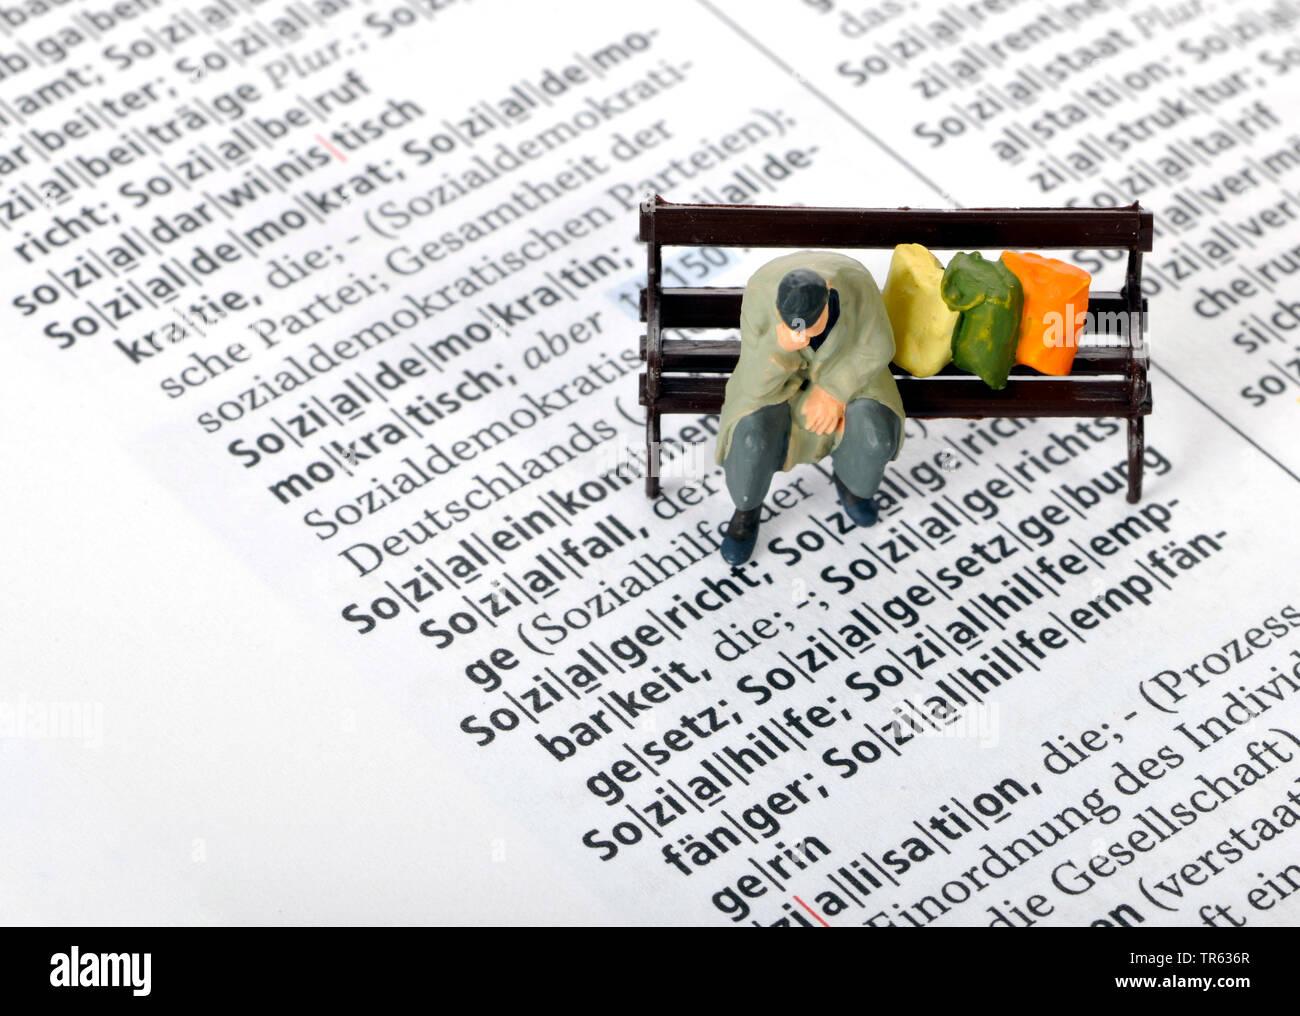 Altersarmut, Mann sitzt auf Parkbank mit Habseligkeiten, Deutschland | old-age poverty, senior sitting on a bench, Germany | BLWS472231.jpg [ (c) blic - Stock Image